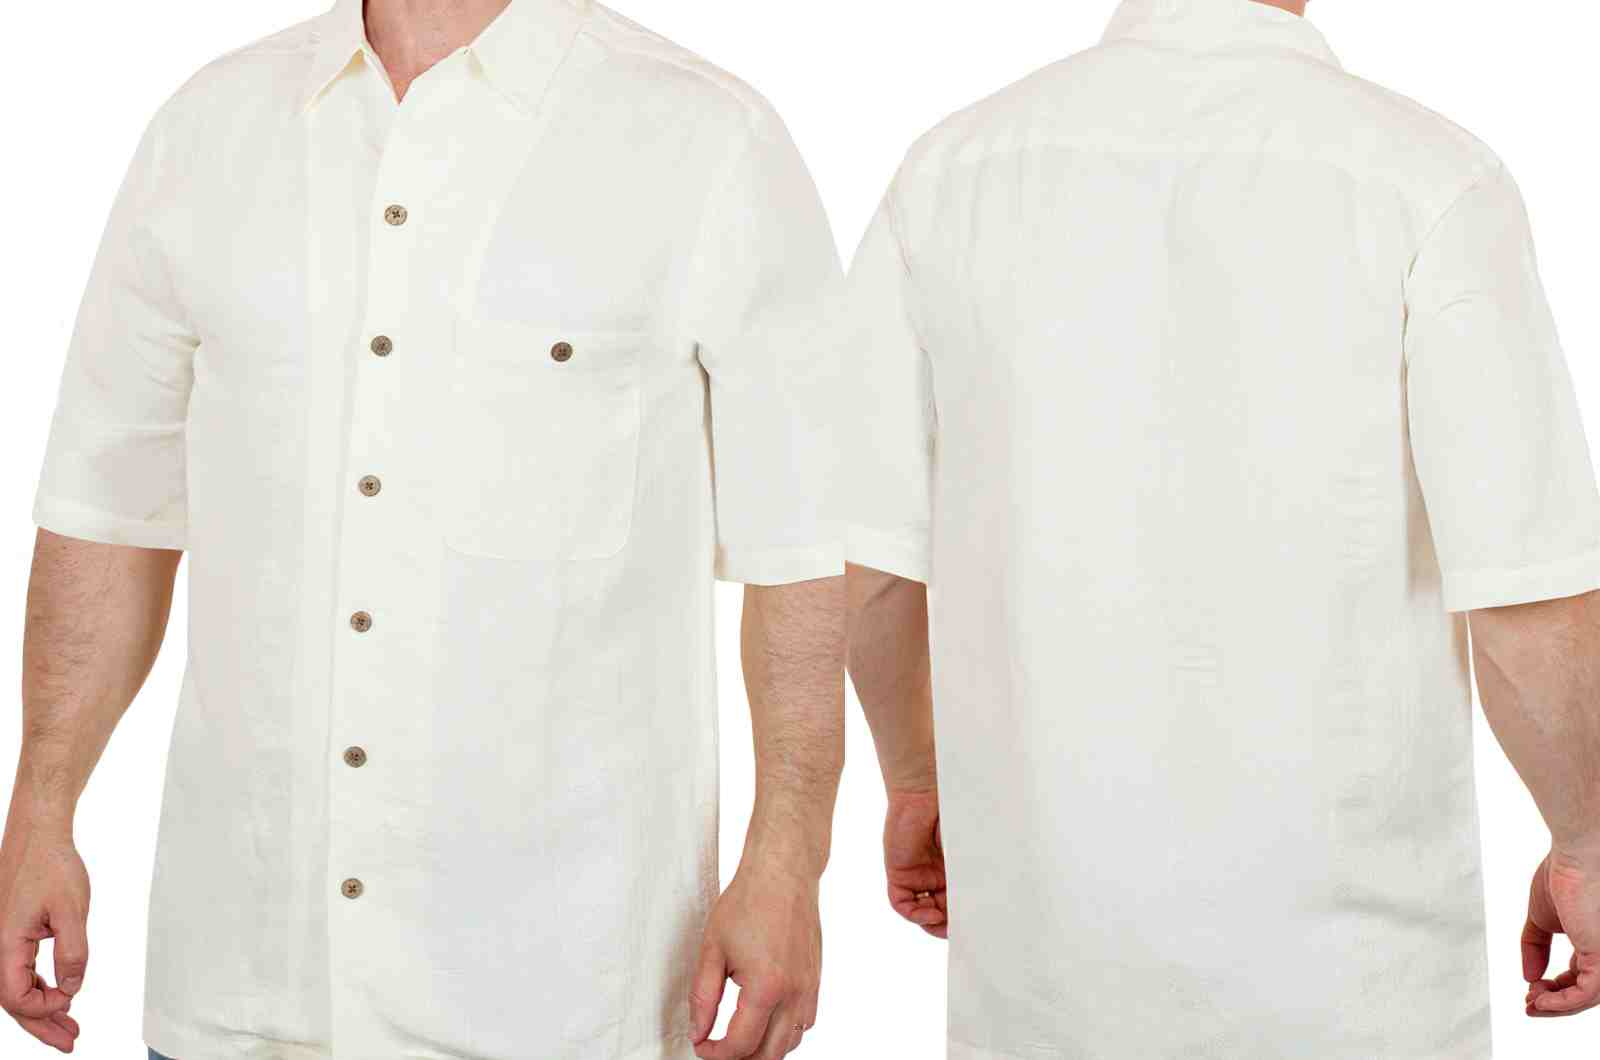 Брендовая летняя рубашка Caribbean Joe (США) для настоящих мужчин-двойной ракурс